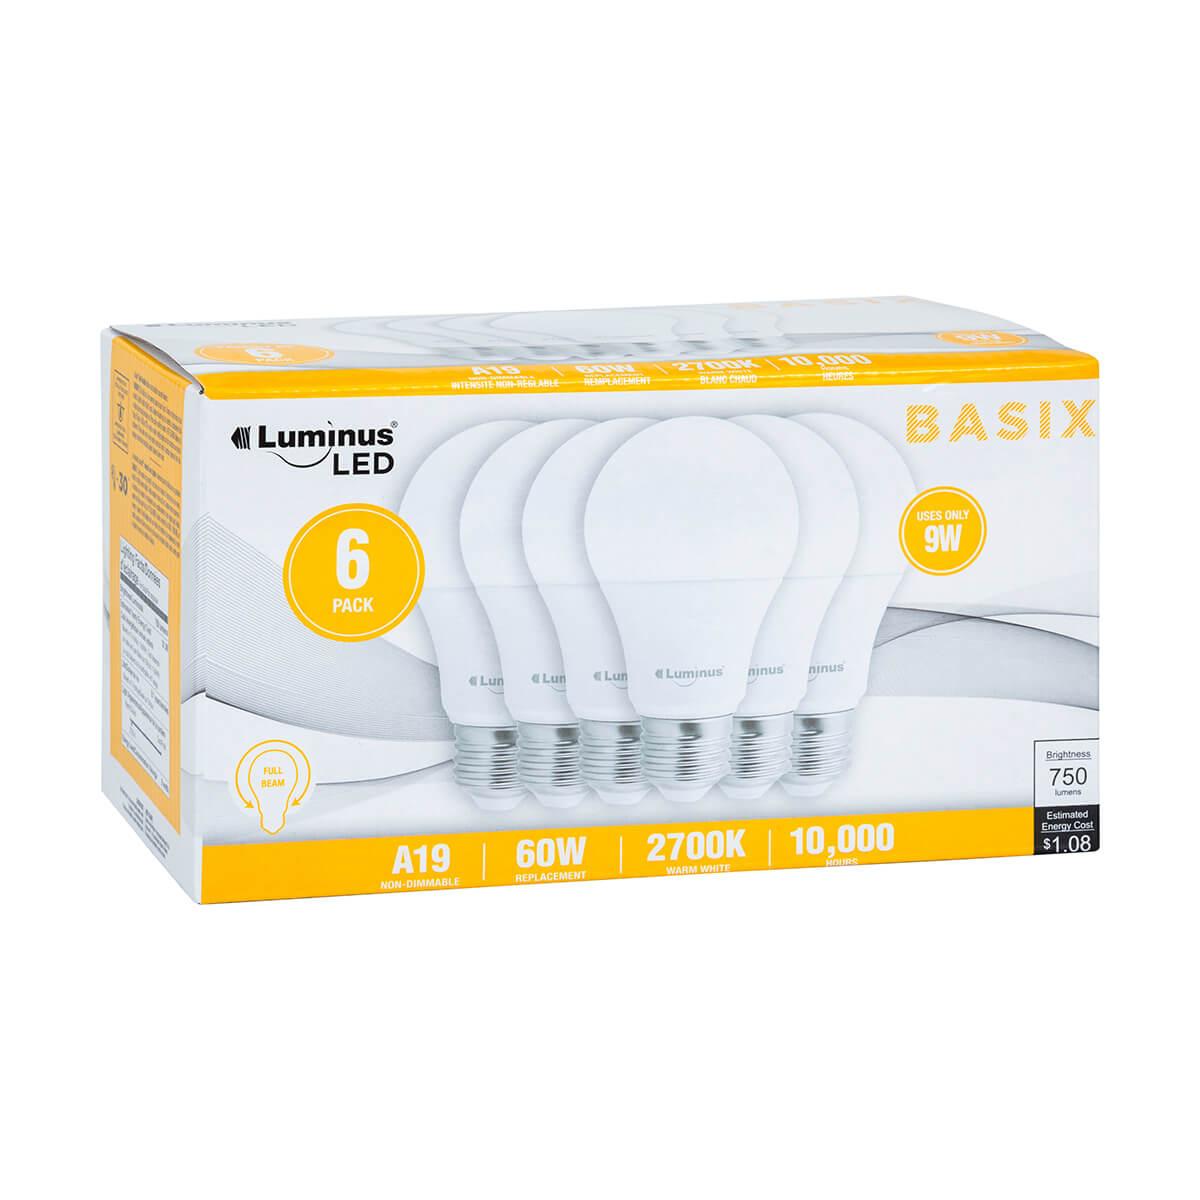 Luminus LED Light Bulbs - Soft White - 6 Pack